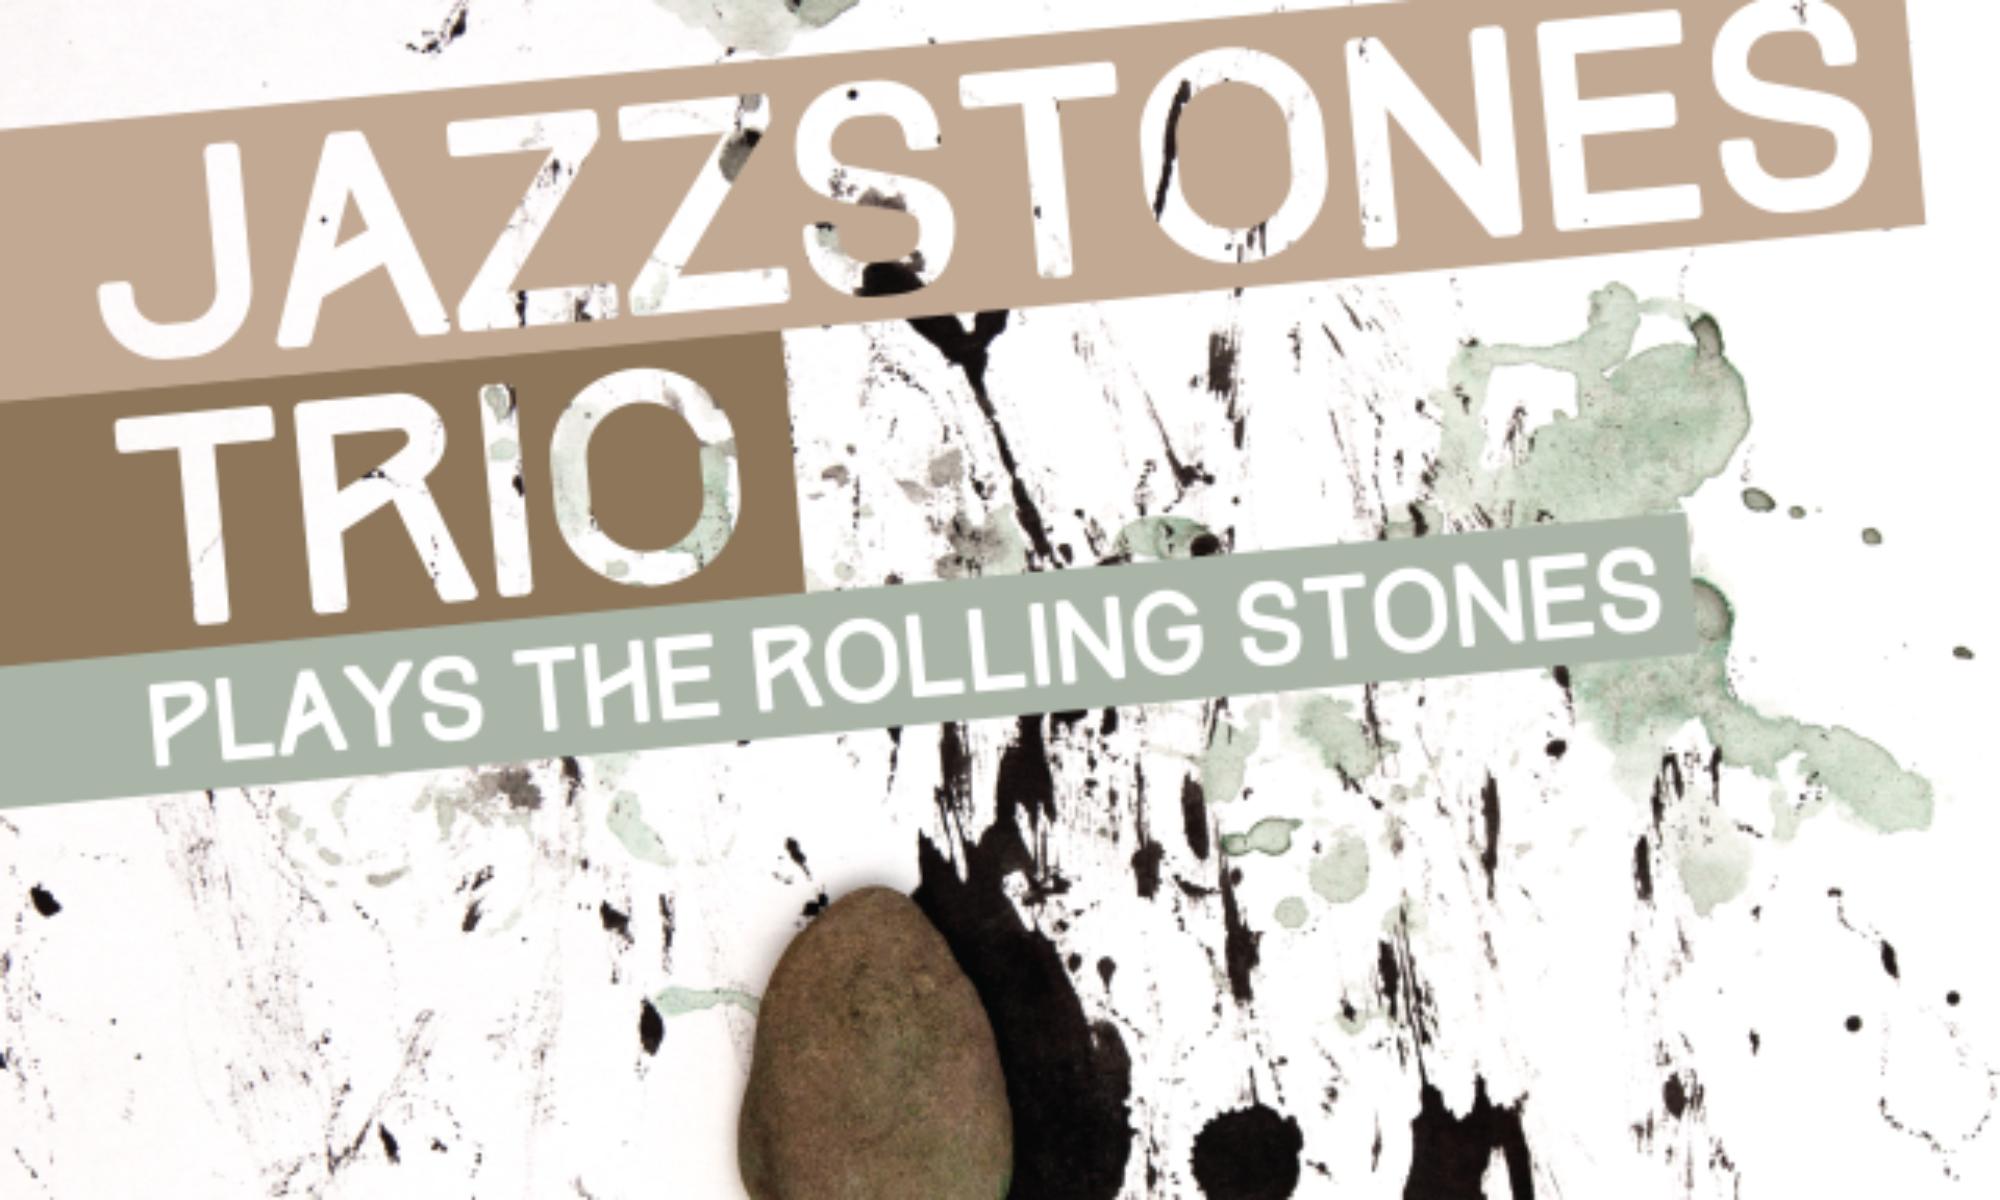 JazzStones Trio